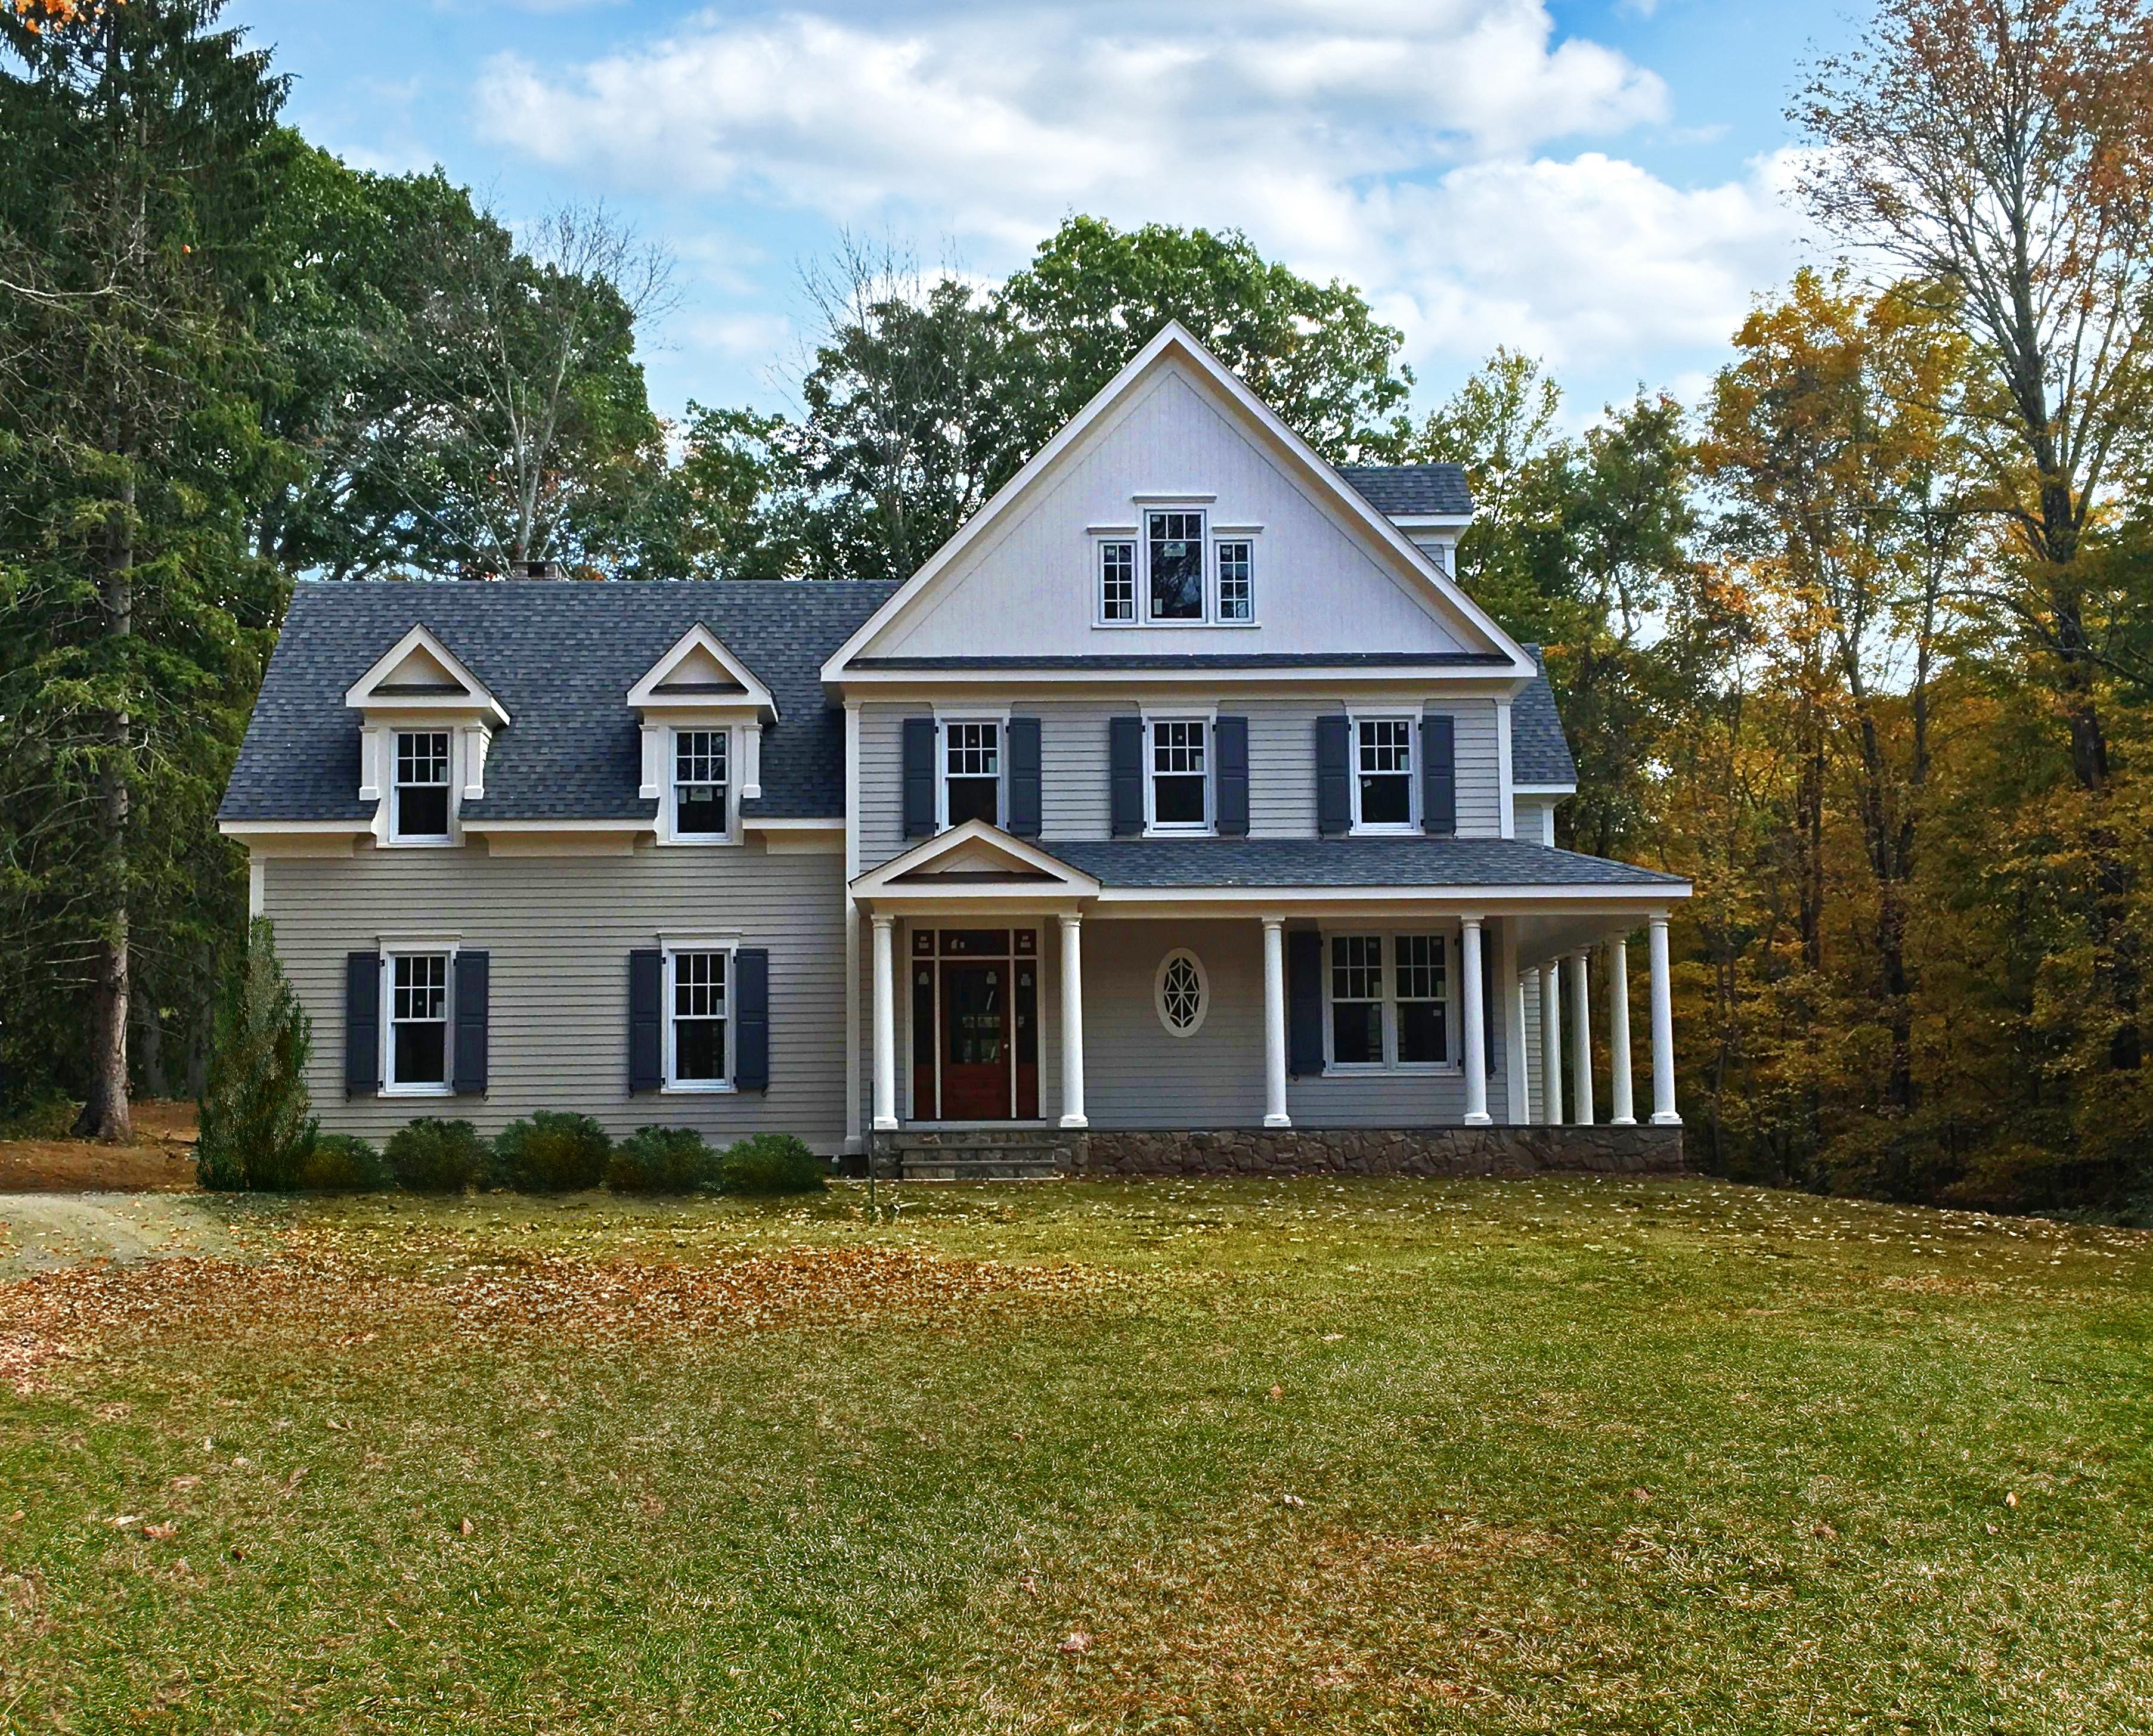 Casa Unifamiliar por un Venta en New Construction 263 Peaceable Street Ridgefield, Connecticut, 06877 Estados Unidos